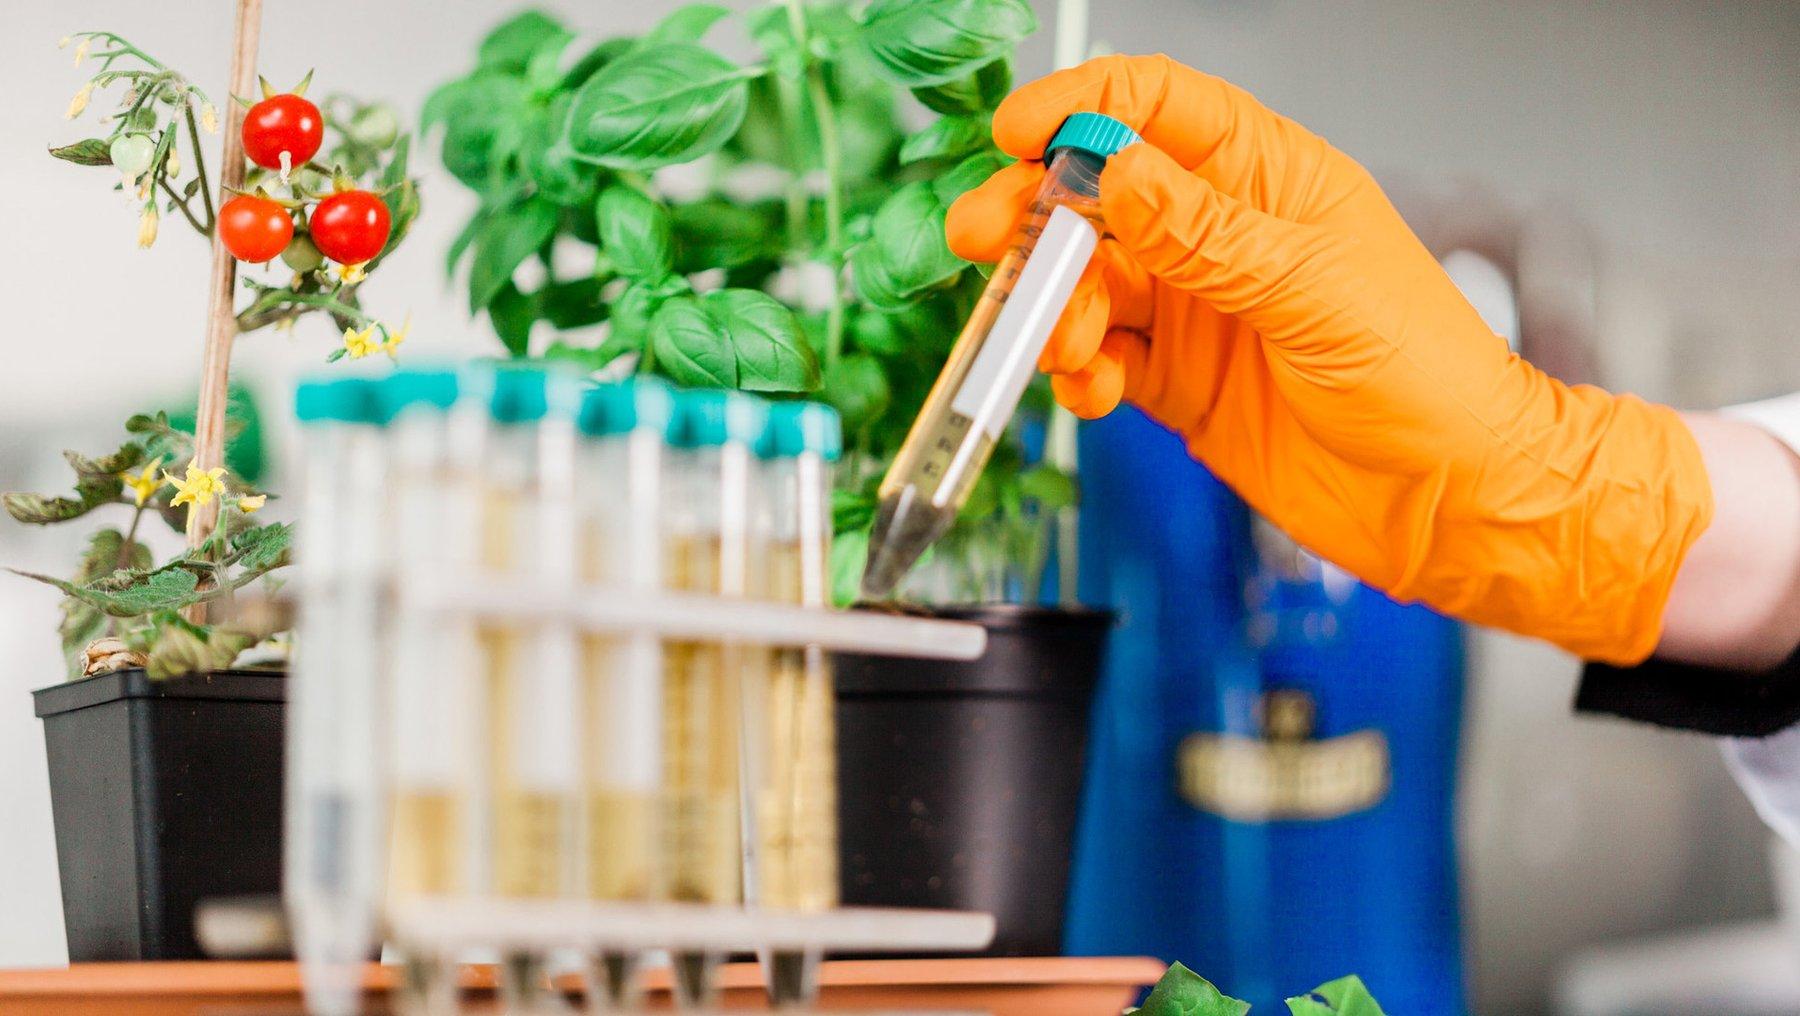 invivo Versuche zur Testung pflanzl. Extrakte